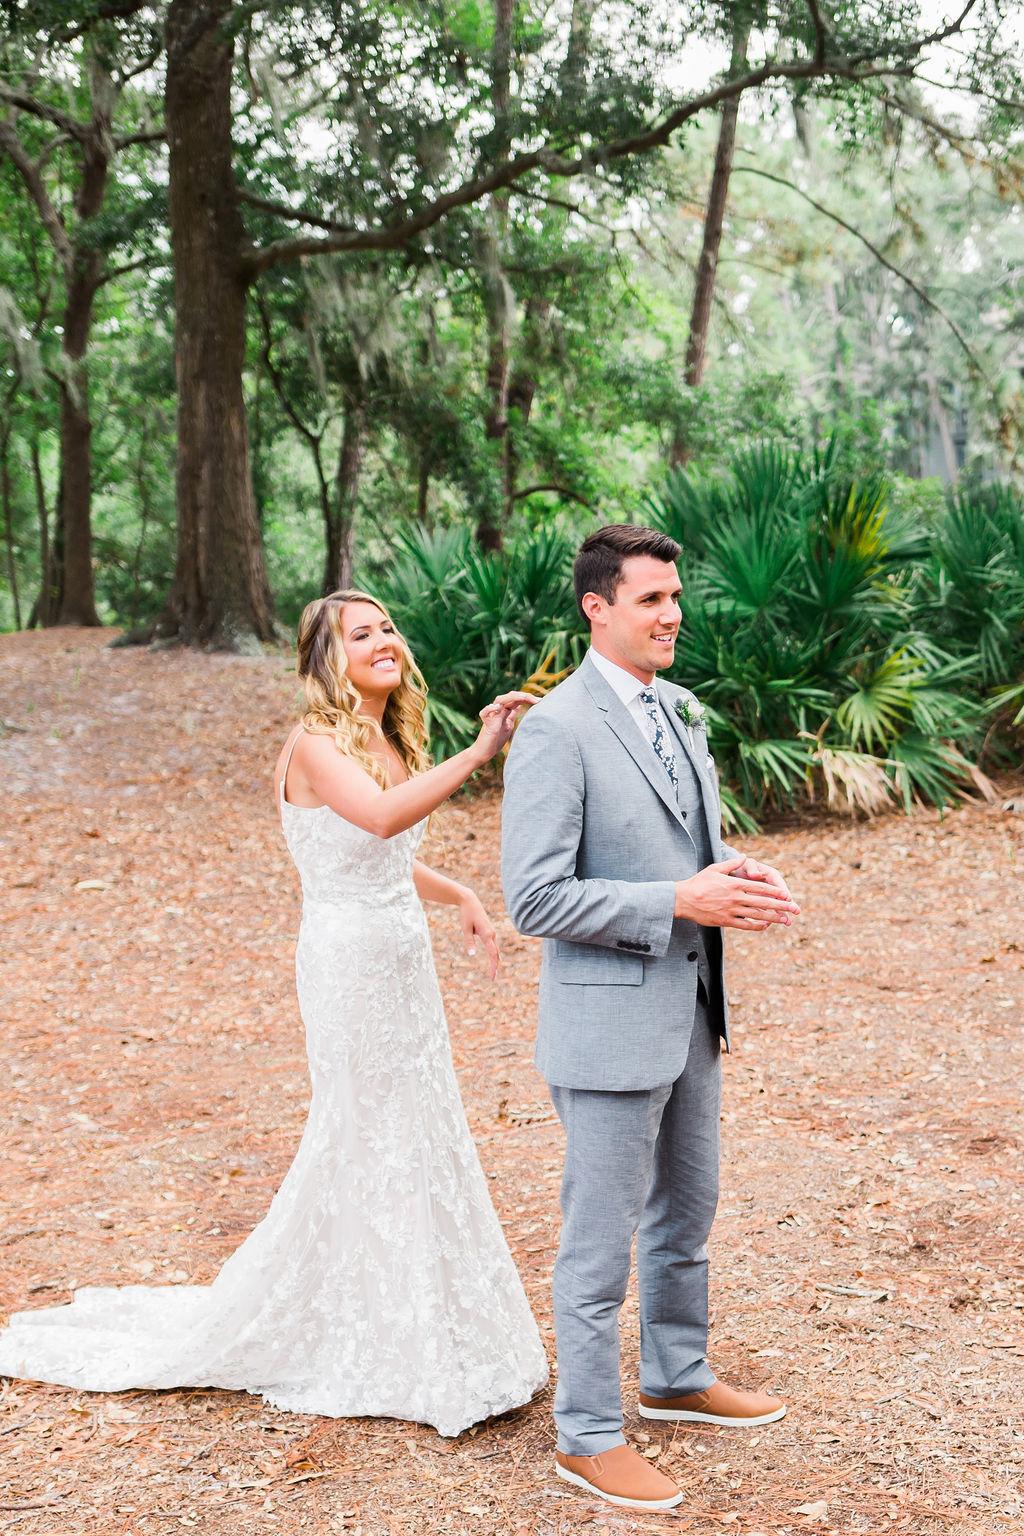 omni-hilton-head-wedding-7.jpg